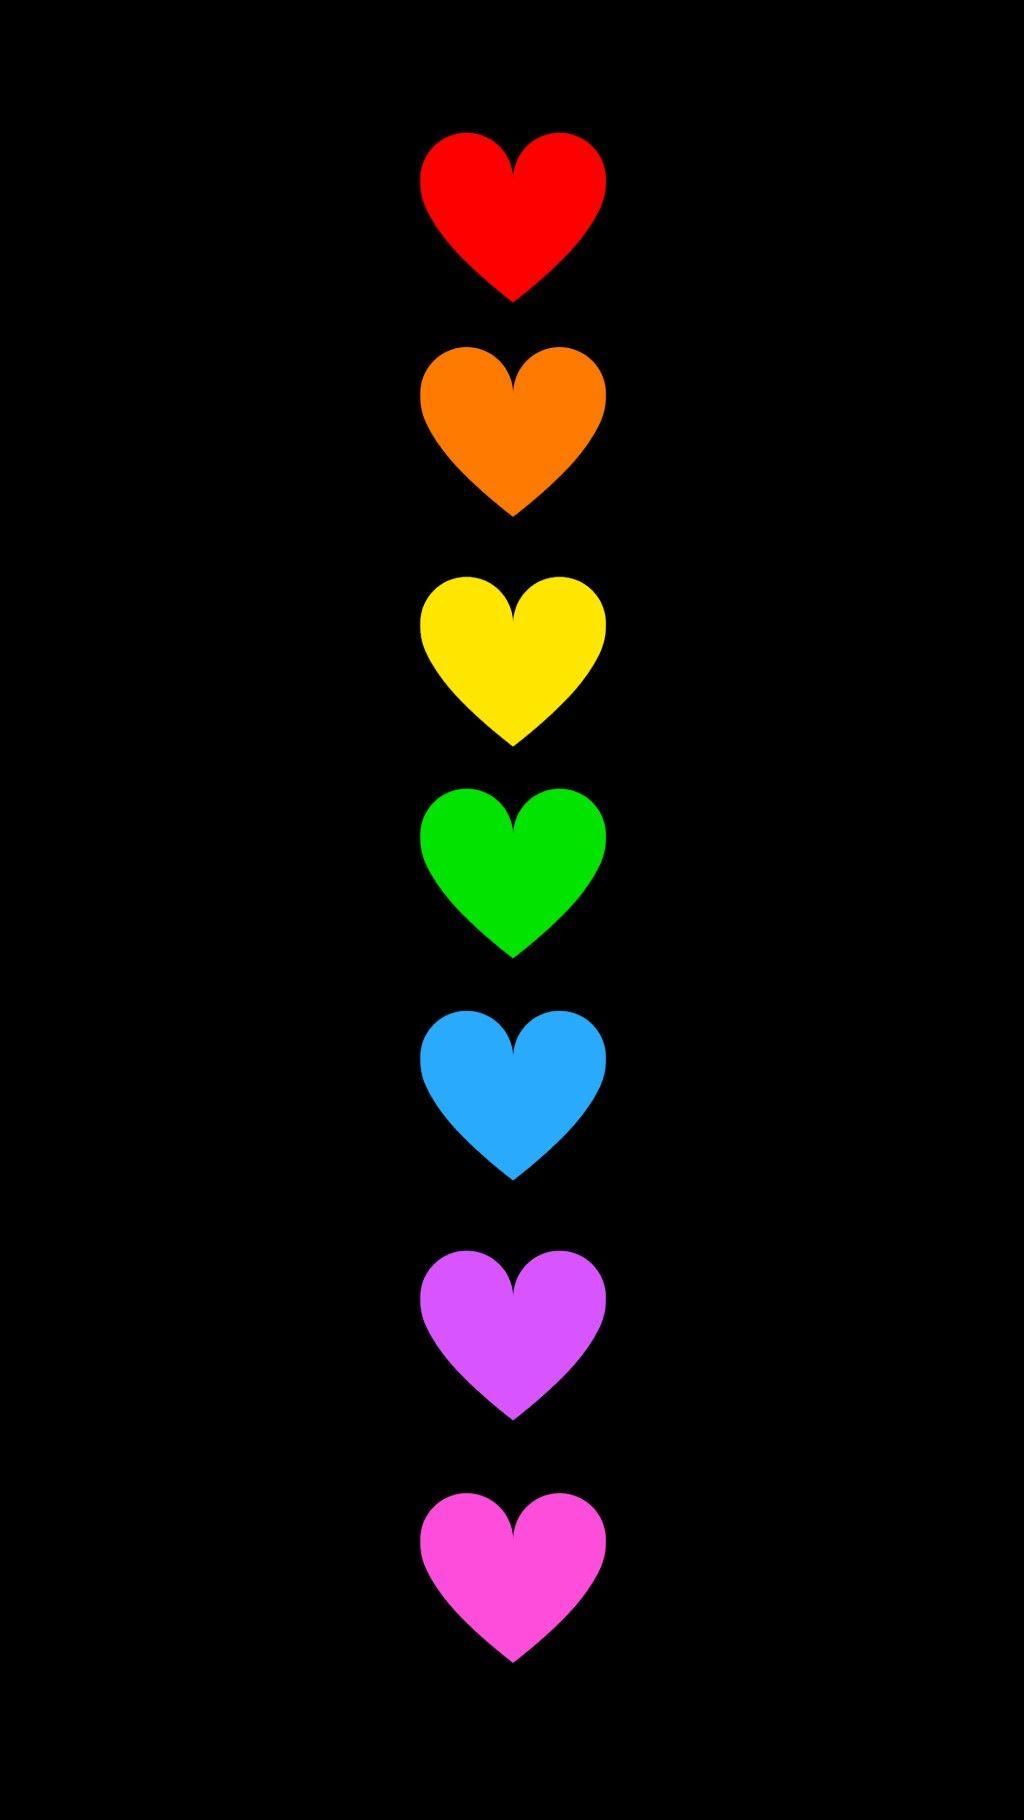 Pin Von Gail Williams Auf Clipart Hearts Regenbogen Hintergrundbild Herz Hintergrund Hintergrund Iphone